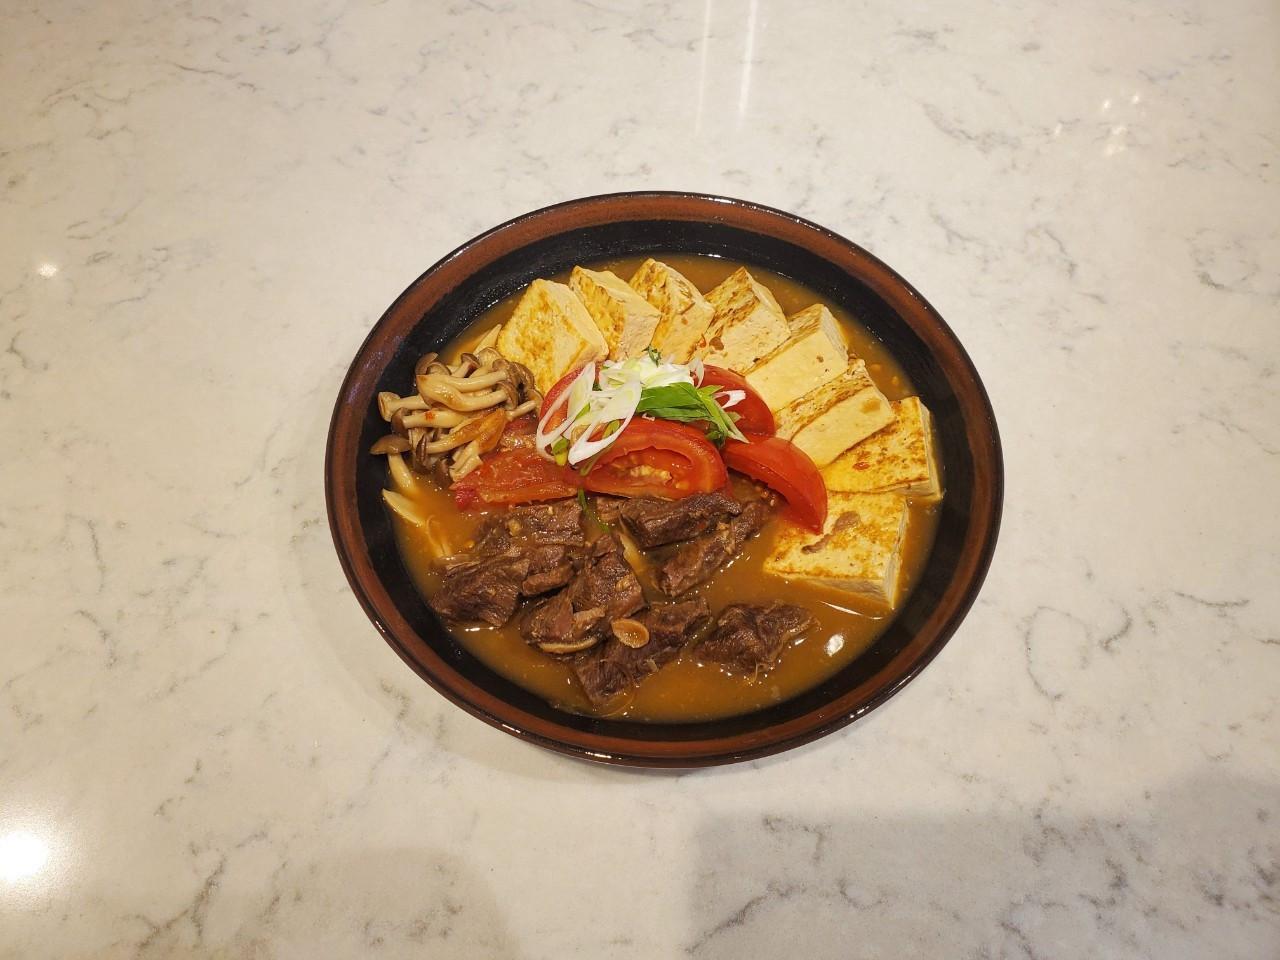 【湯瑪仕上菜】-紅燒牛肉豆腐煲